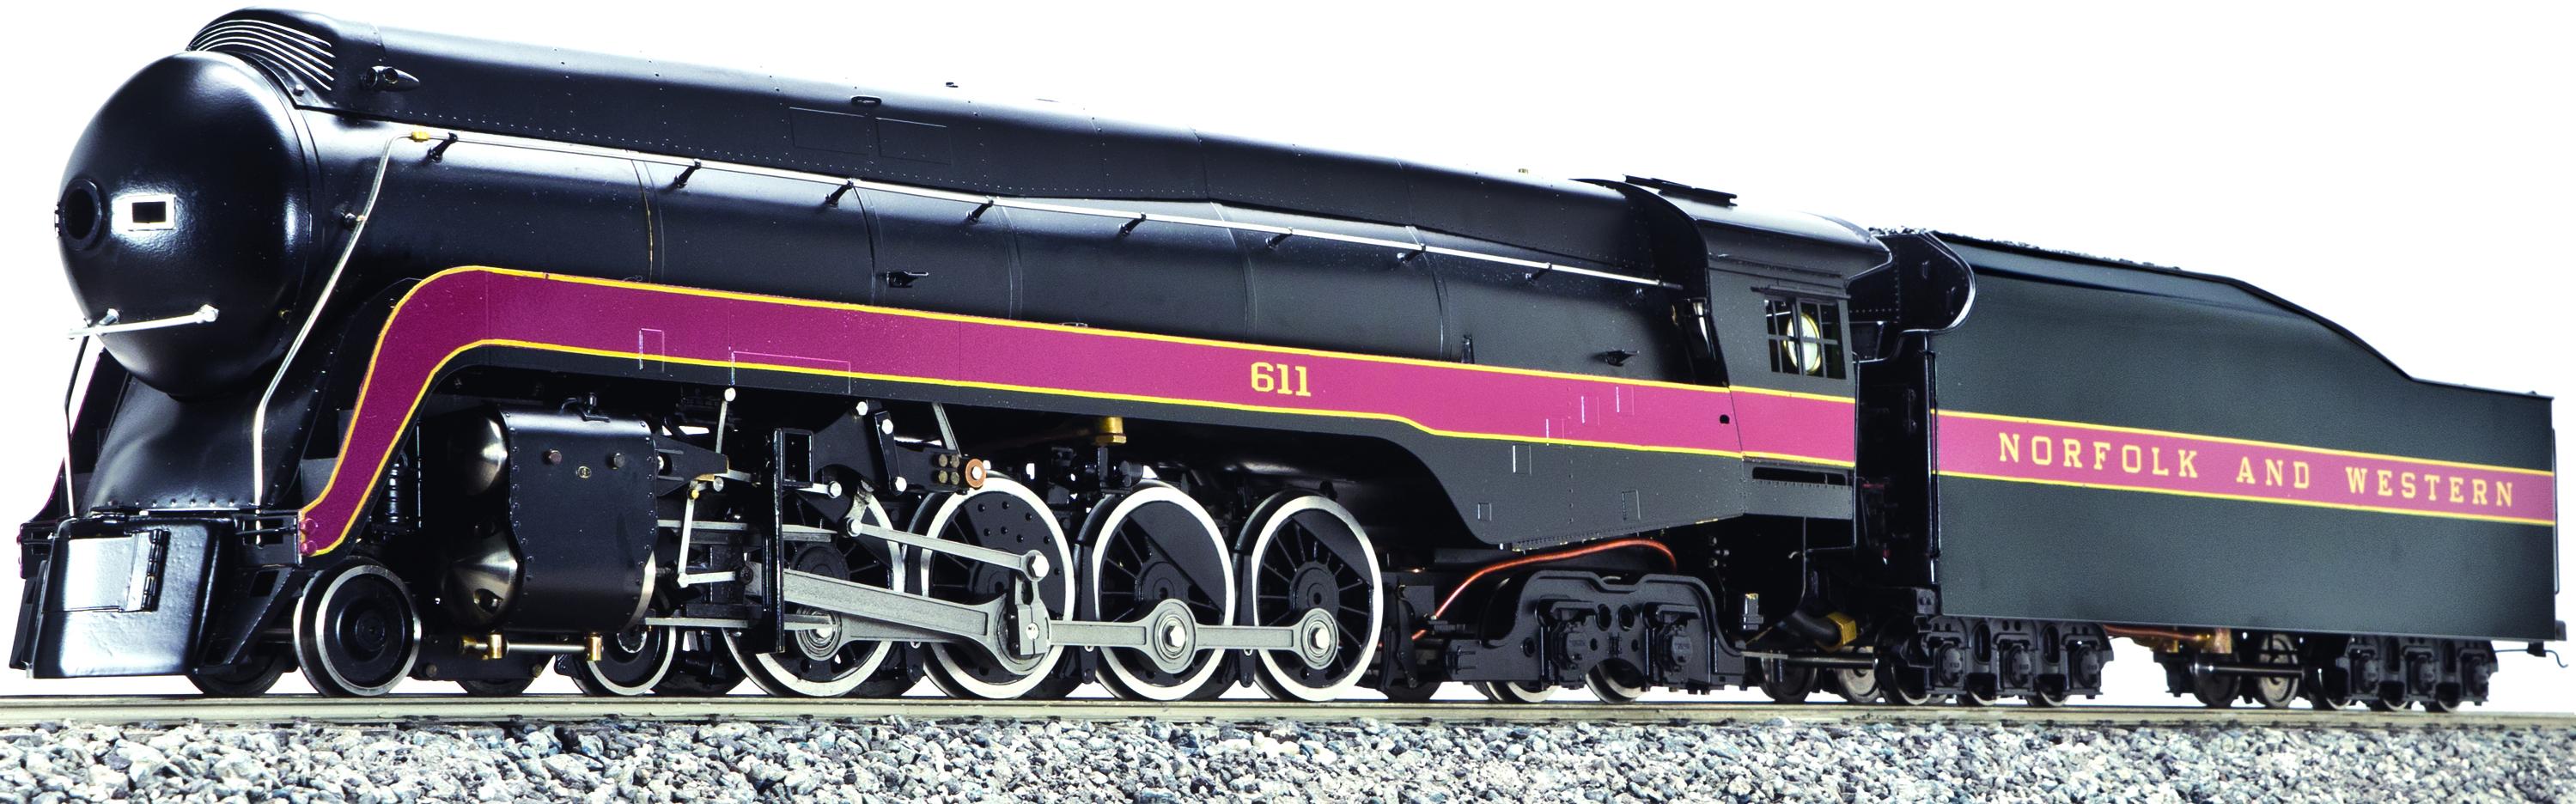 AL97-137 ES